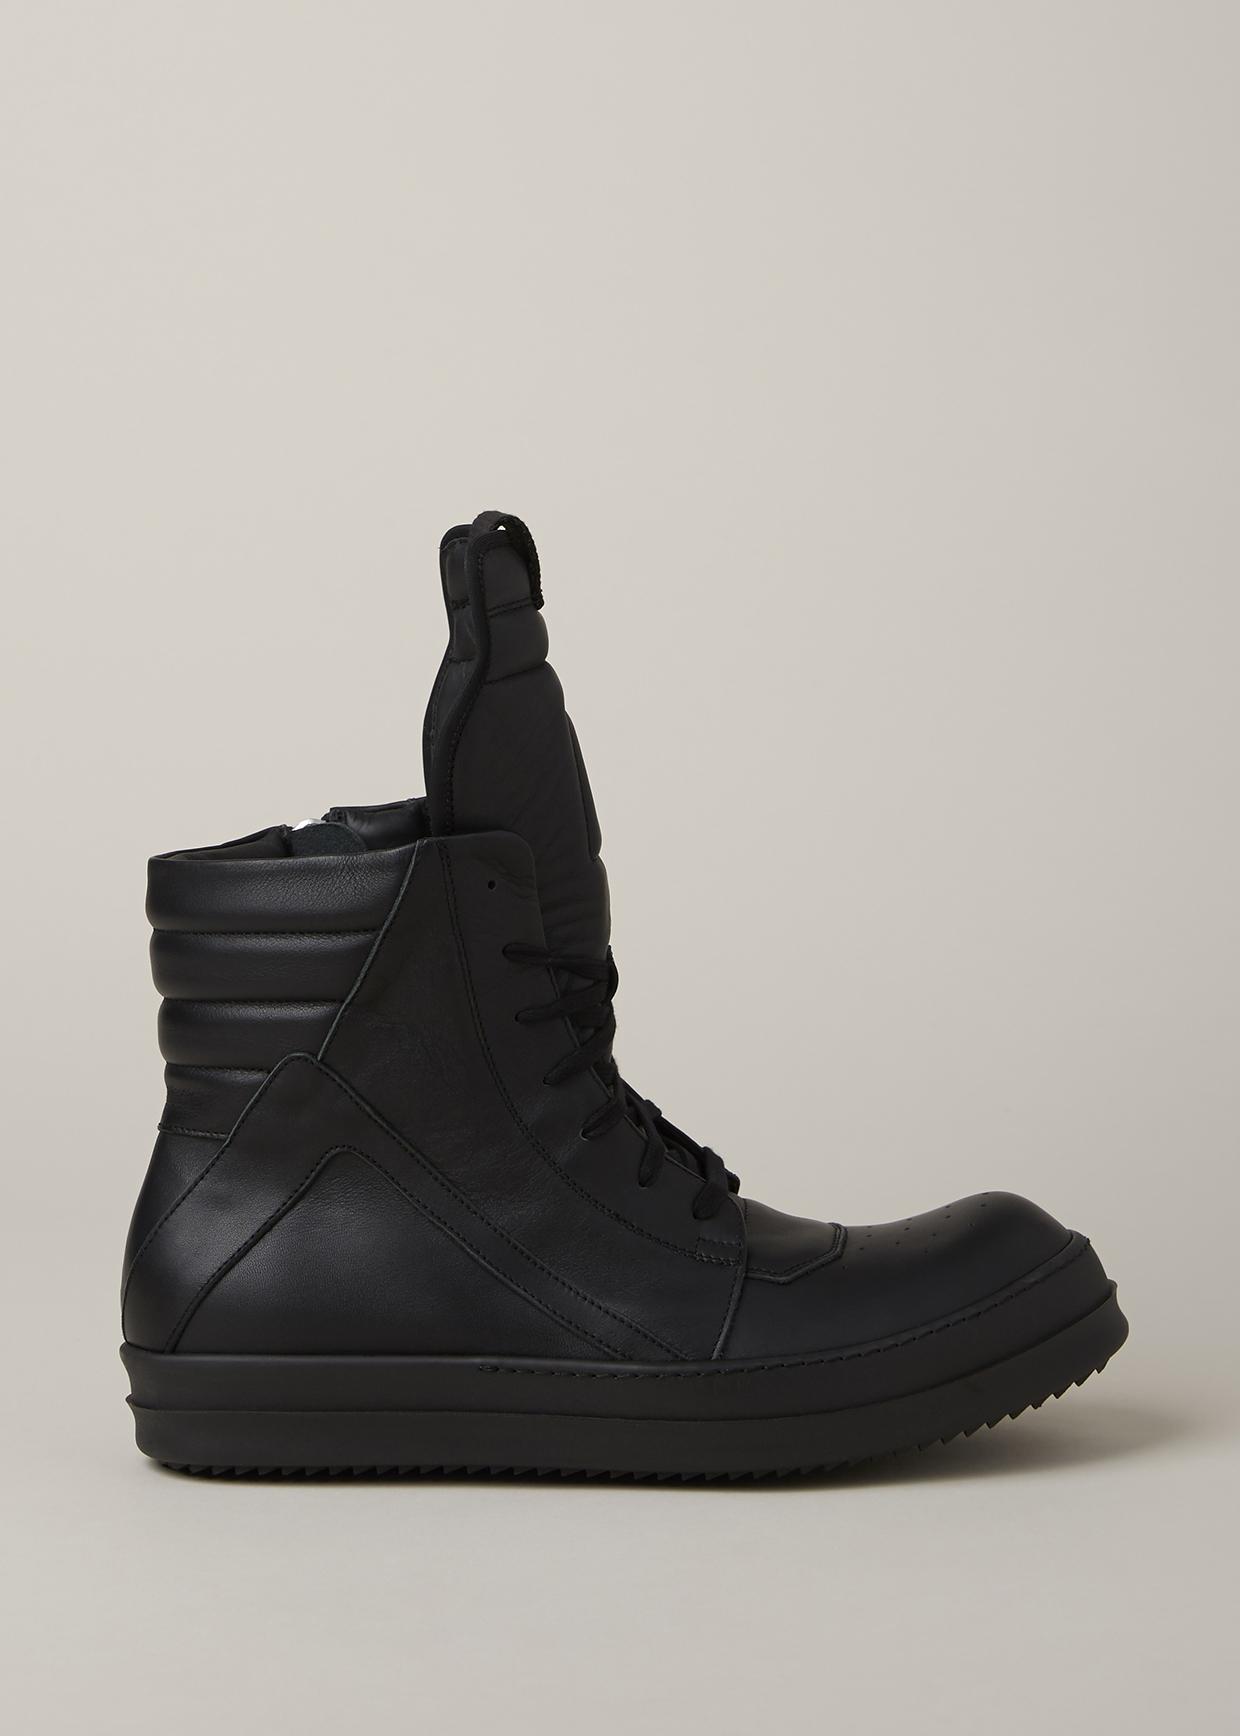 rick owens black black geobasket sneaker in black for men lyst. Black Bedroom Furniture Sets. Home Design Ideas